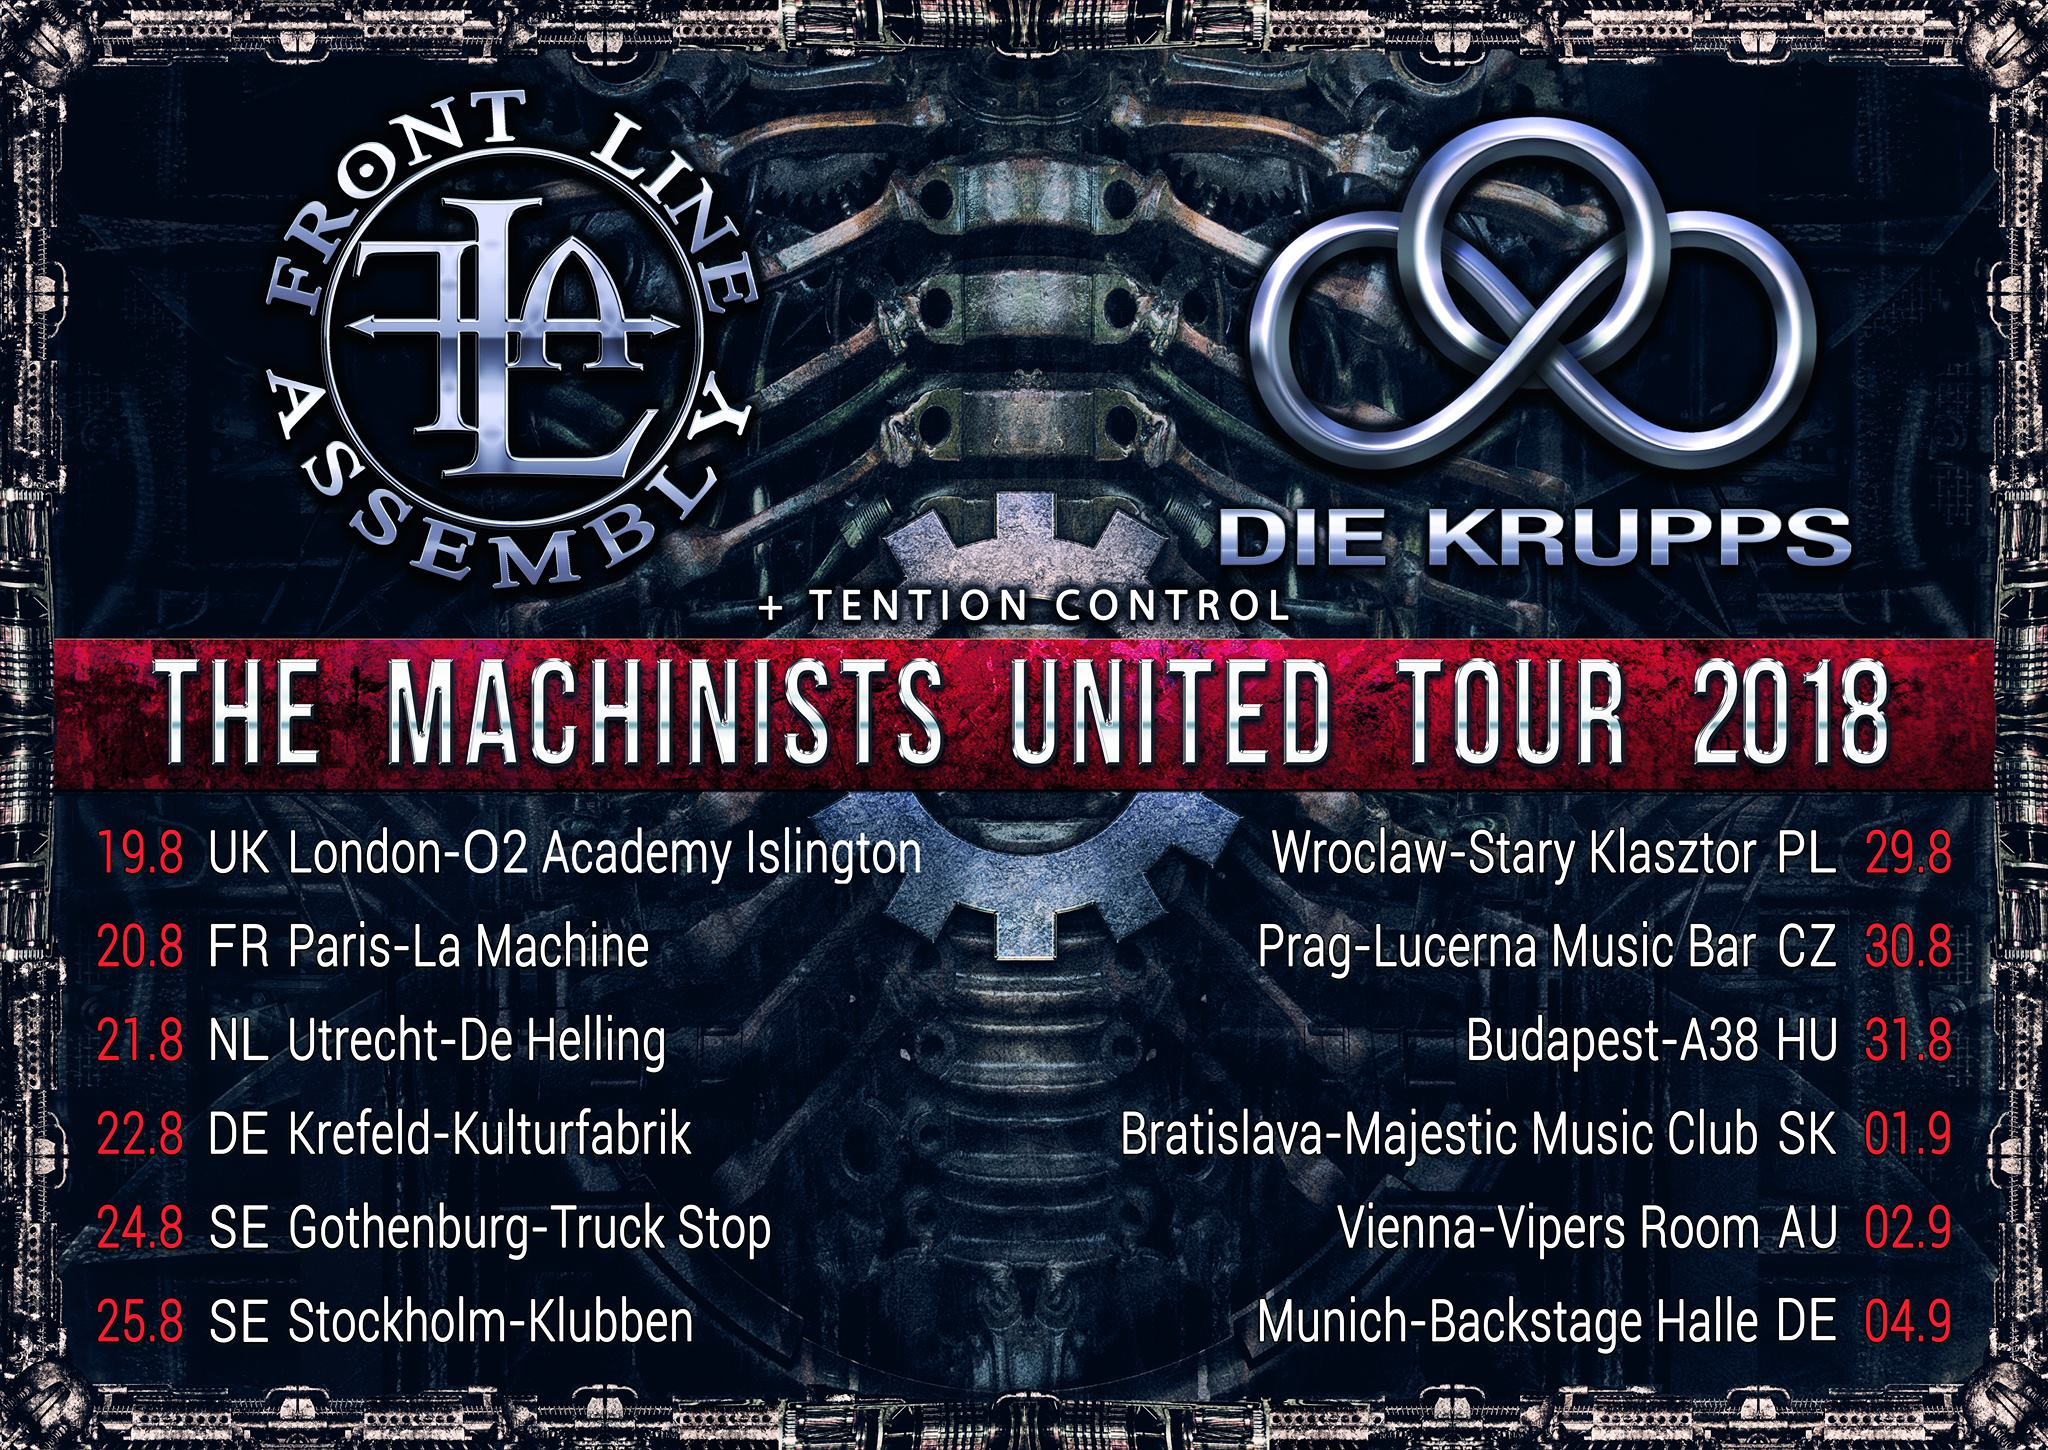 Die Krupps + Front Line Assembly @ La Machine du Moulin Rouge (Paris), le 20 Août 2018